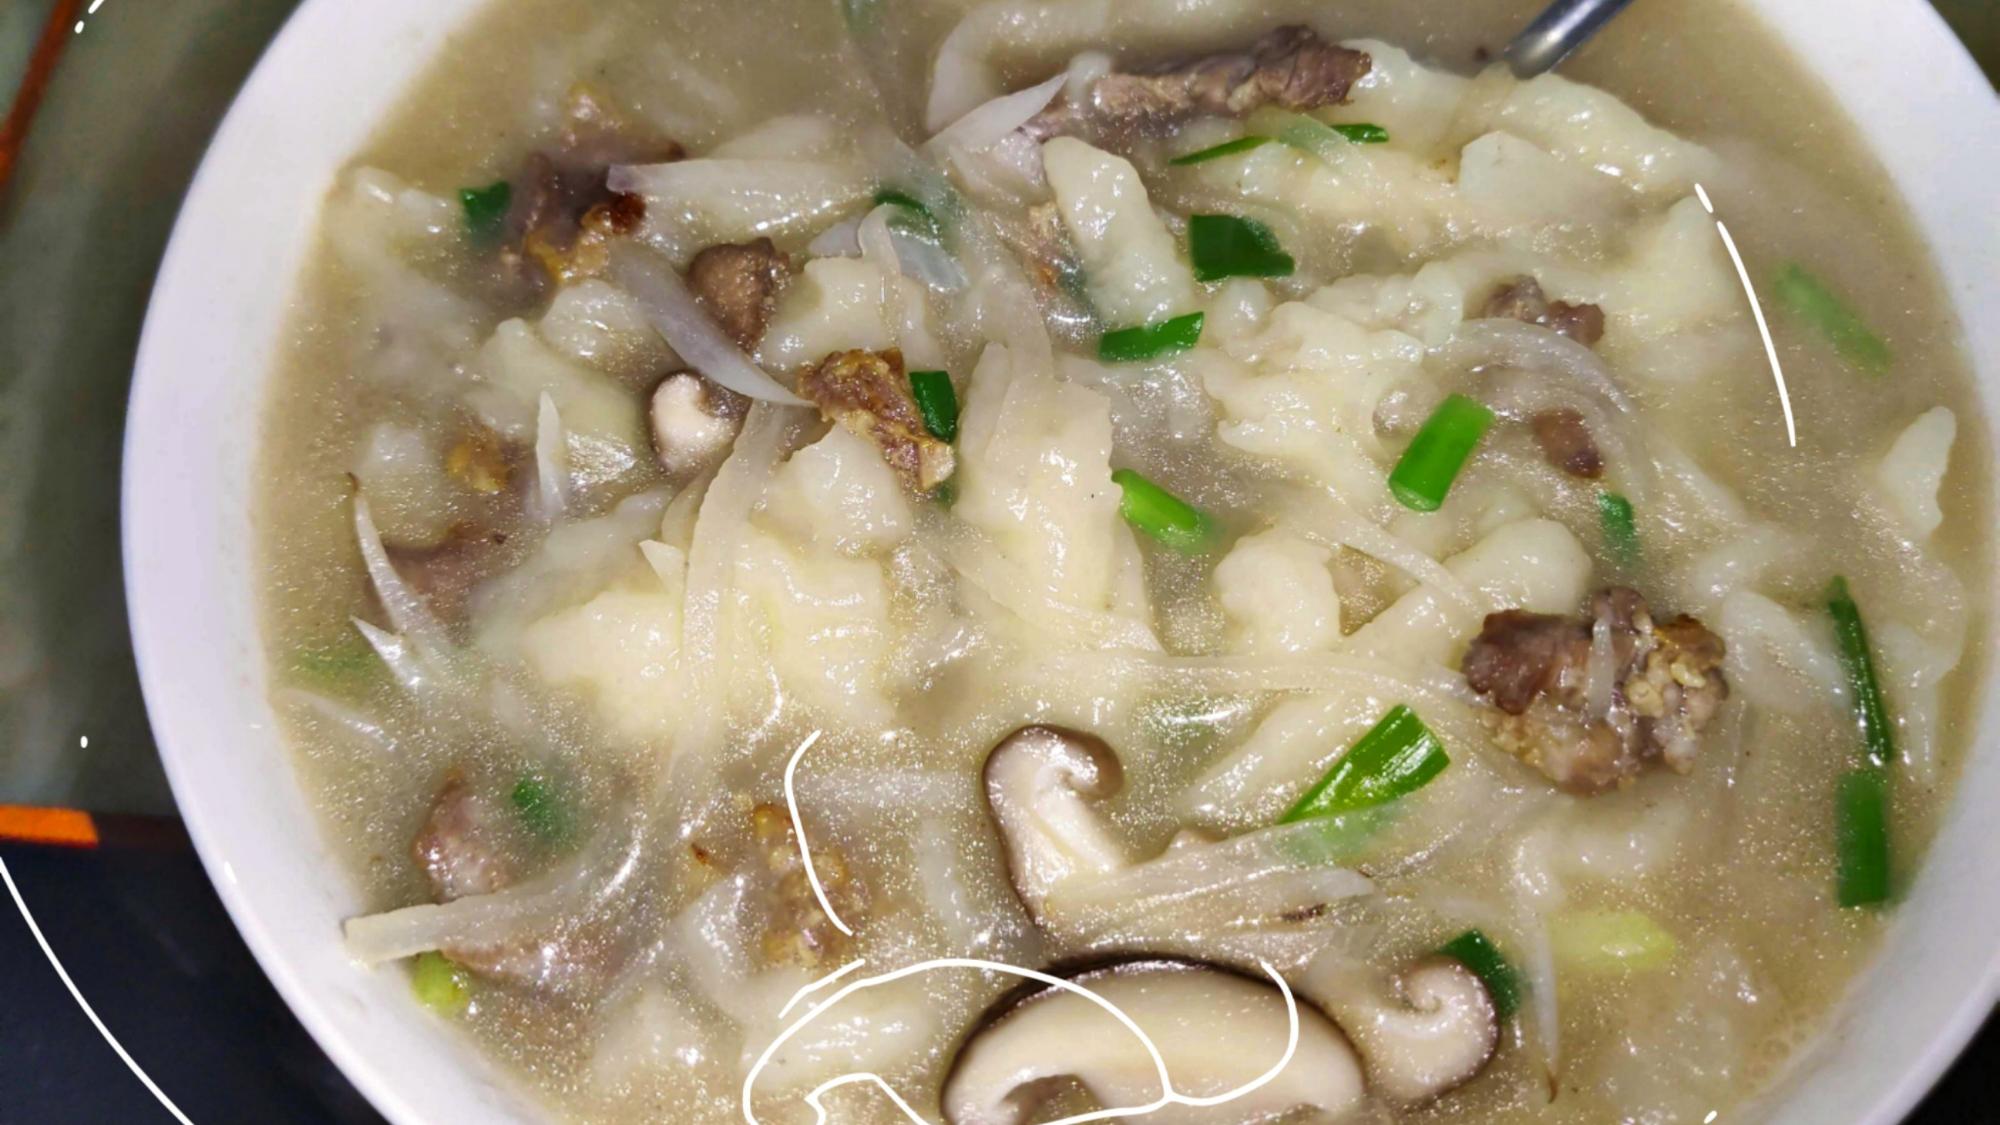 """【麦虾面】用面做""""虾""""?台州人的家常面食""""来看看那碗属于你的麦虾面到底是什么味道呢"""""""